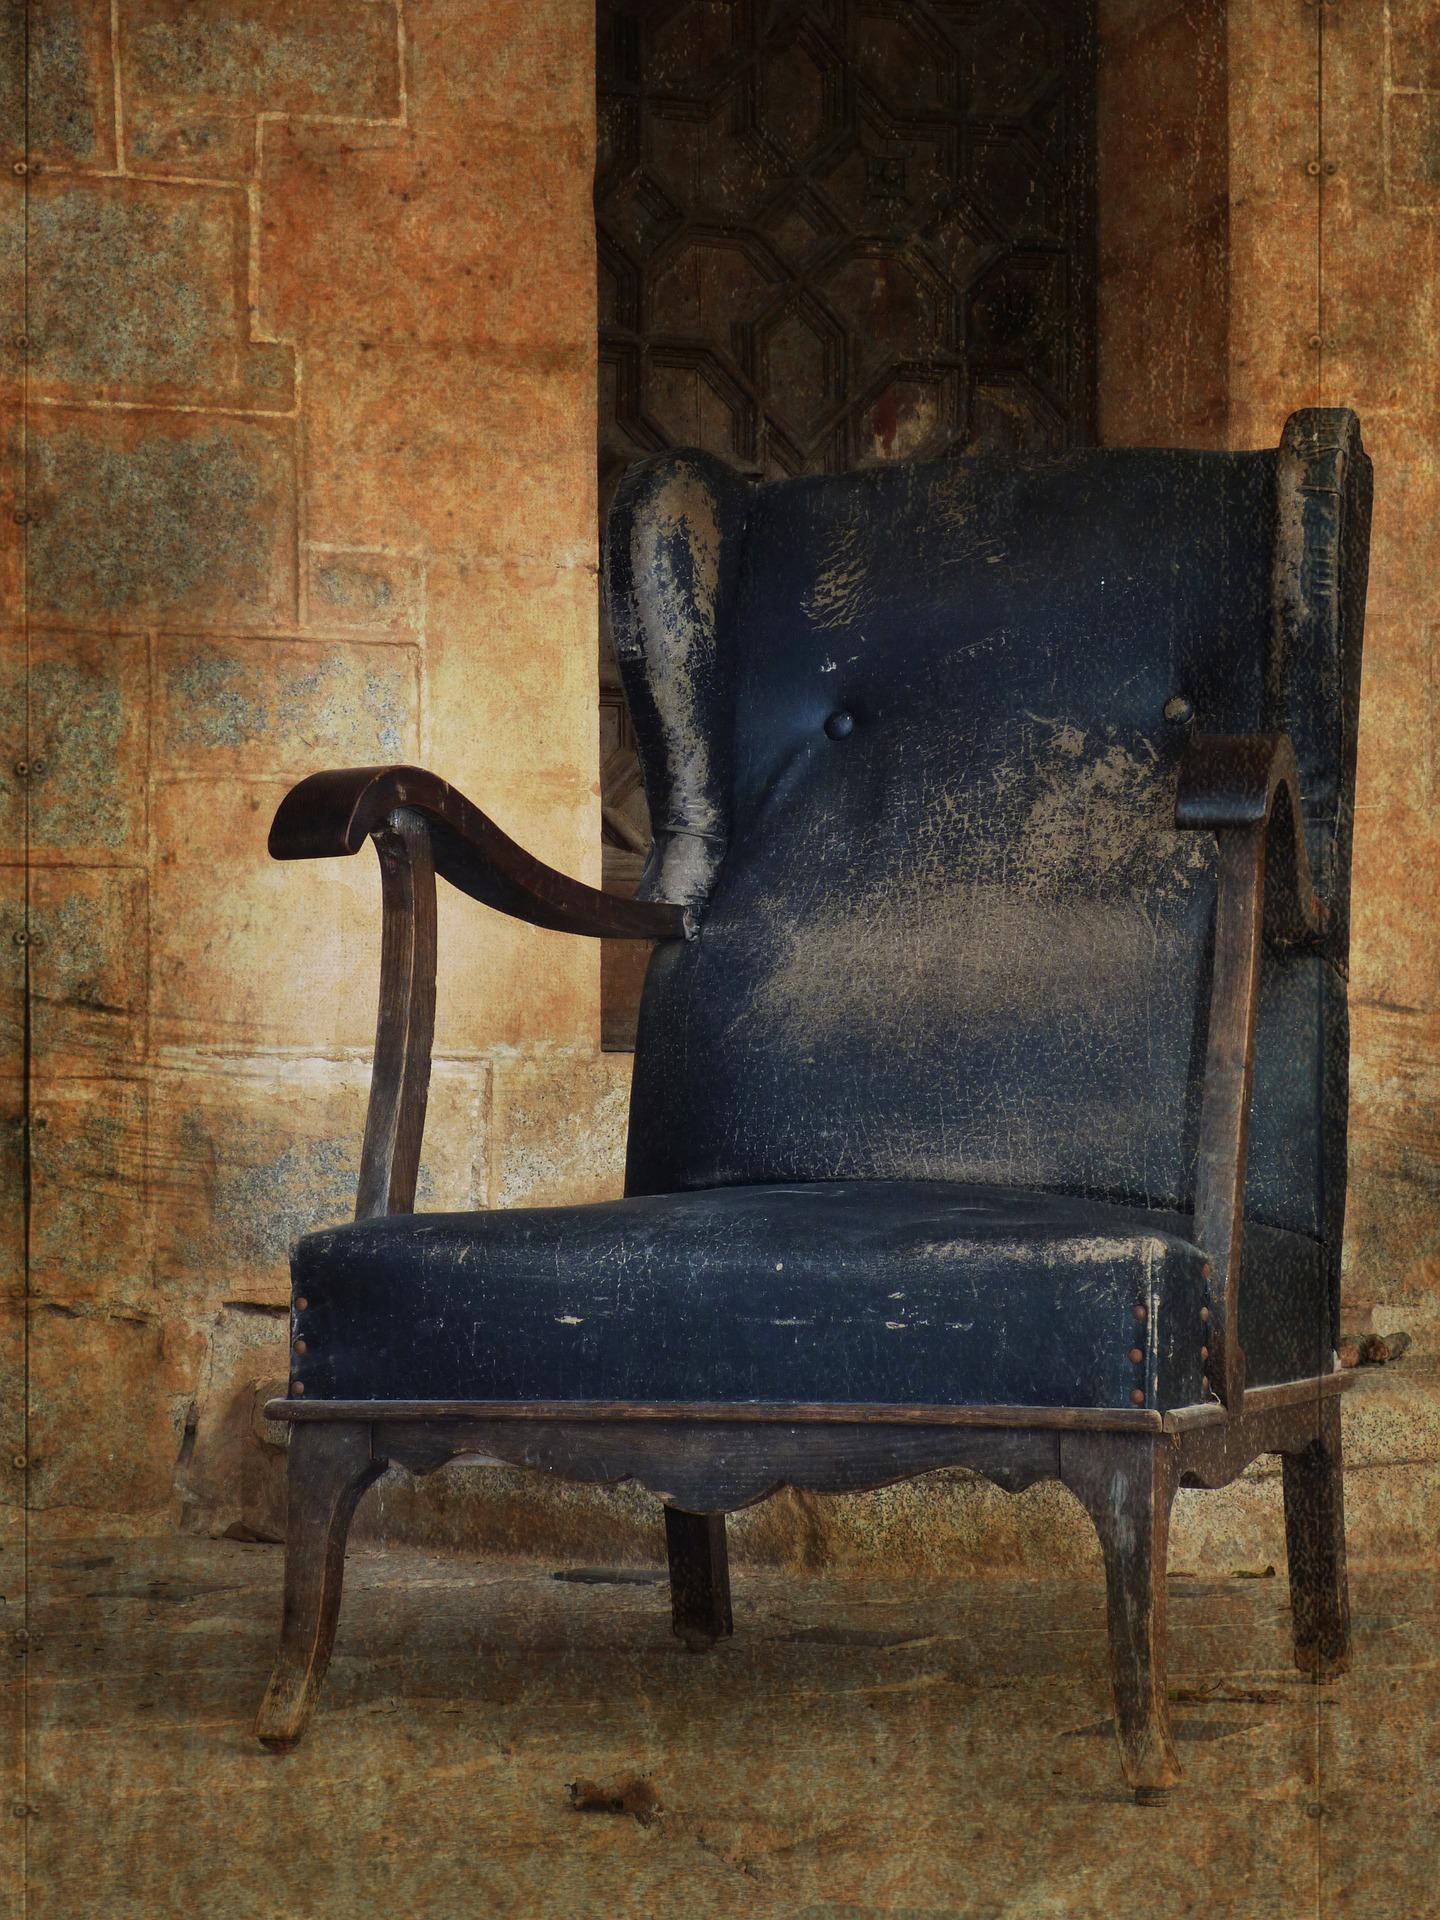 armchair-1980308_1920.jpg